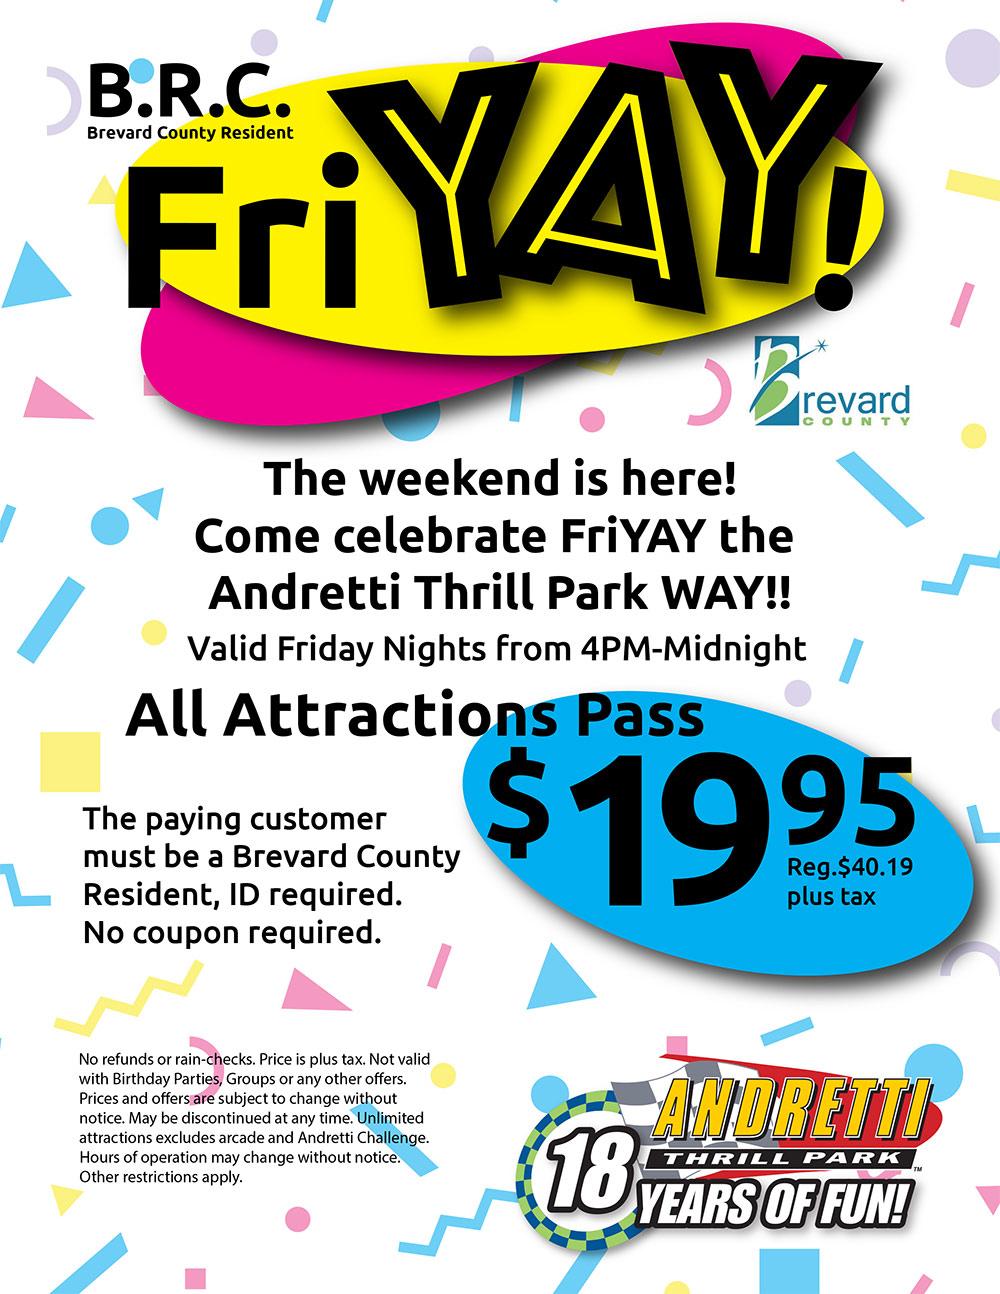 Andretti Thrill Park Specials